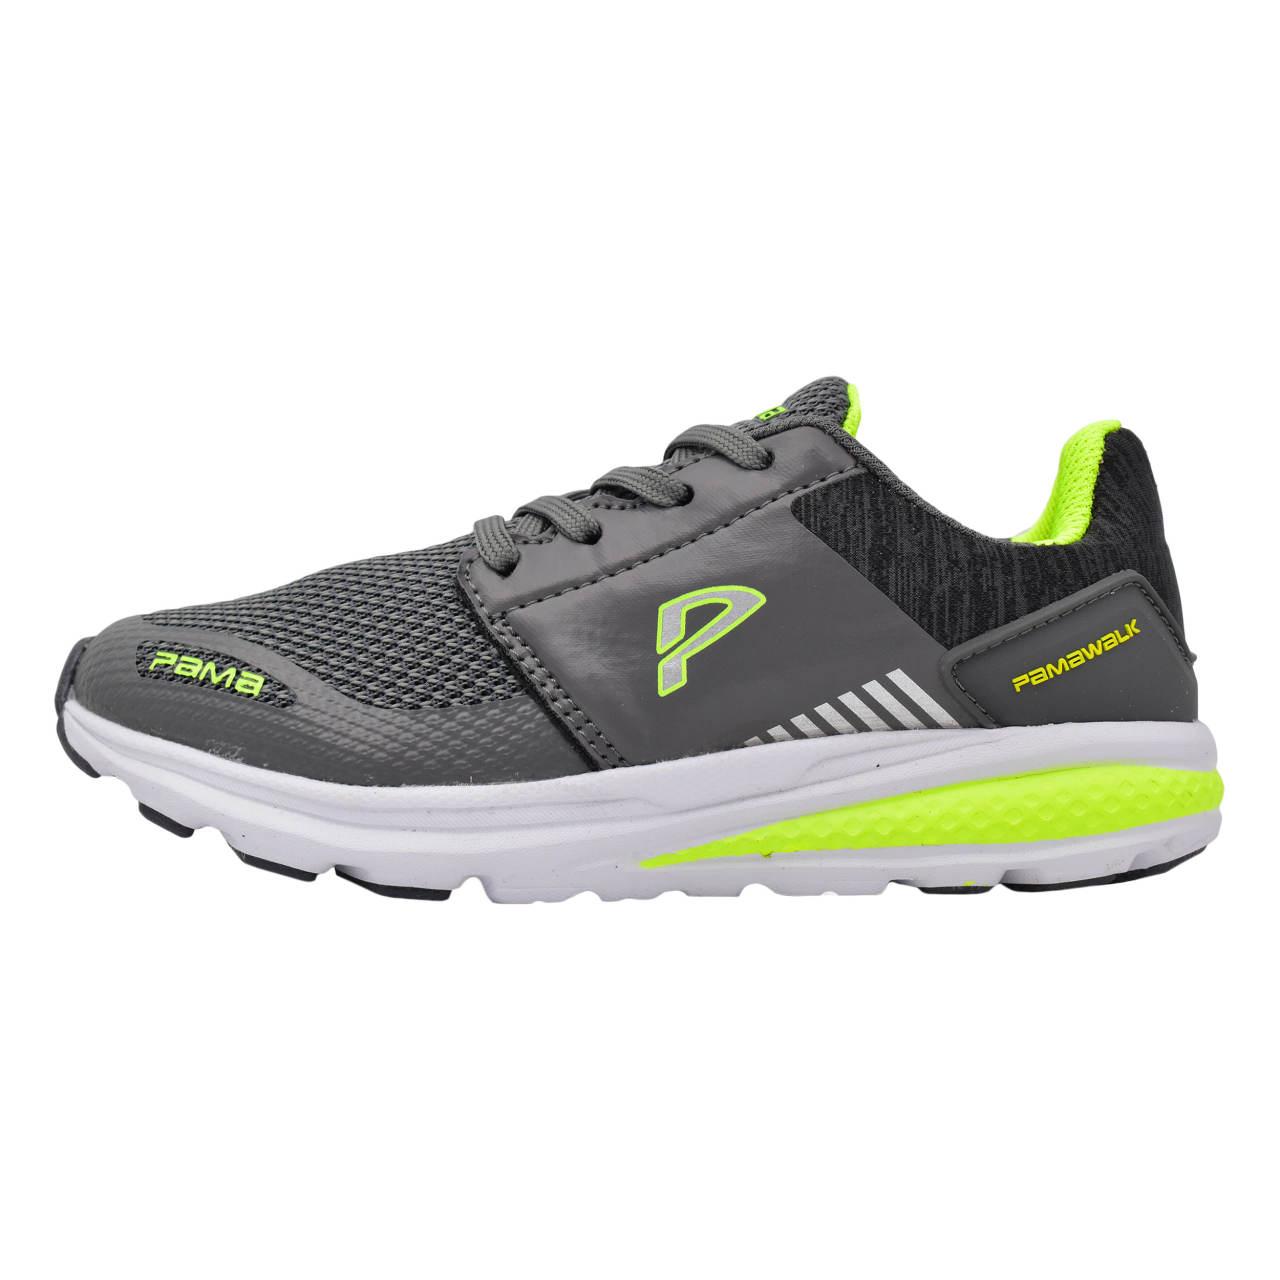 کفش مخصوص پیاده روی پسرانه پاما مدل Sacomi-104 کد G1453